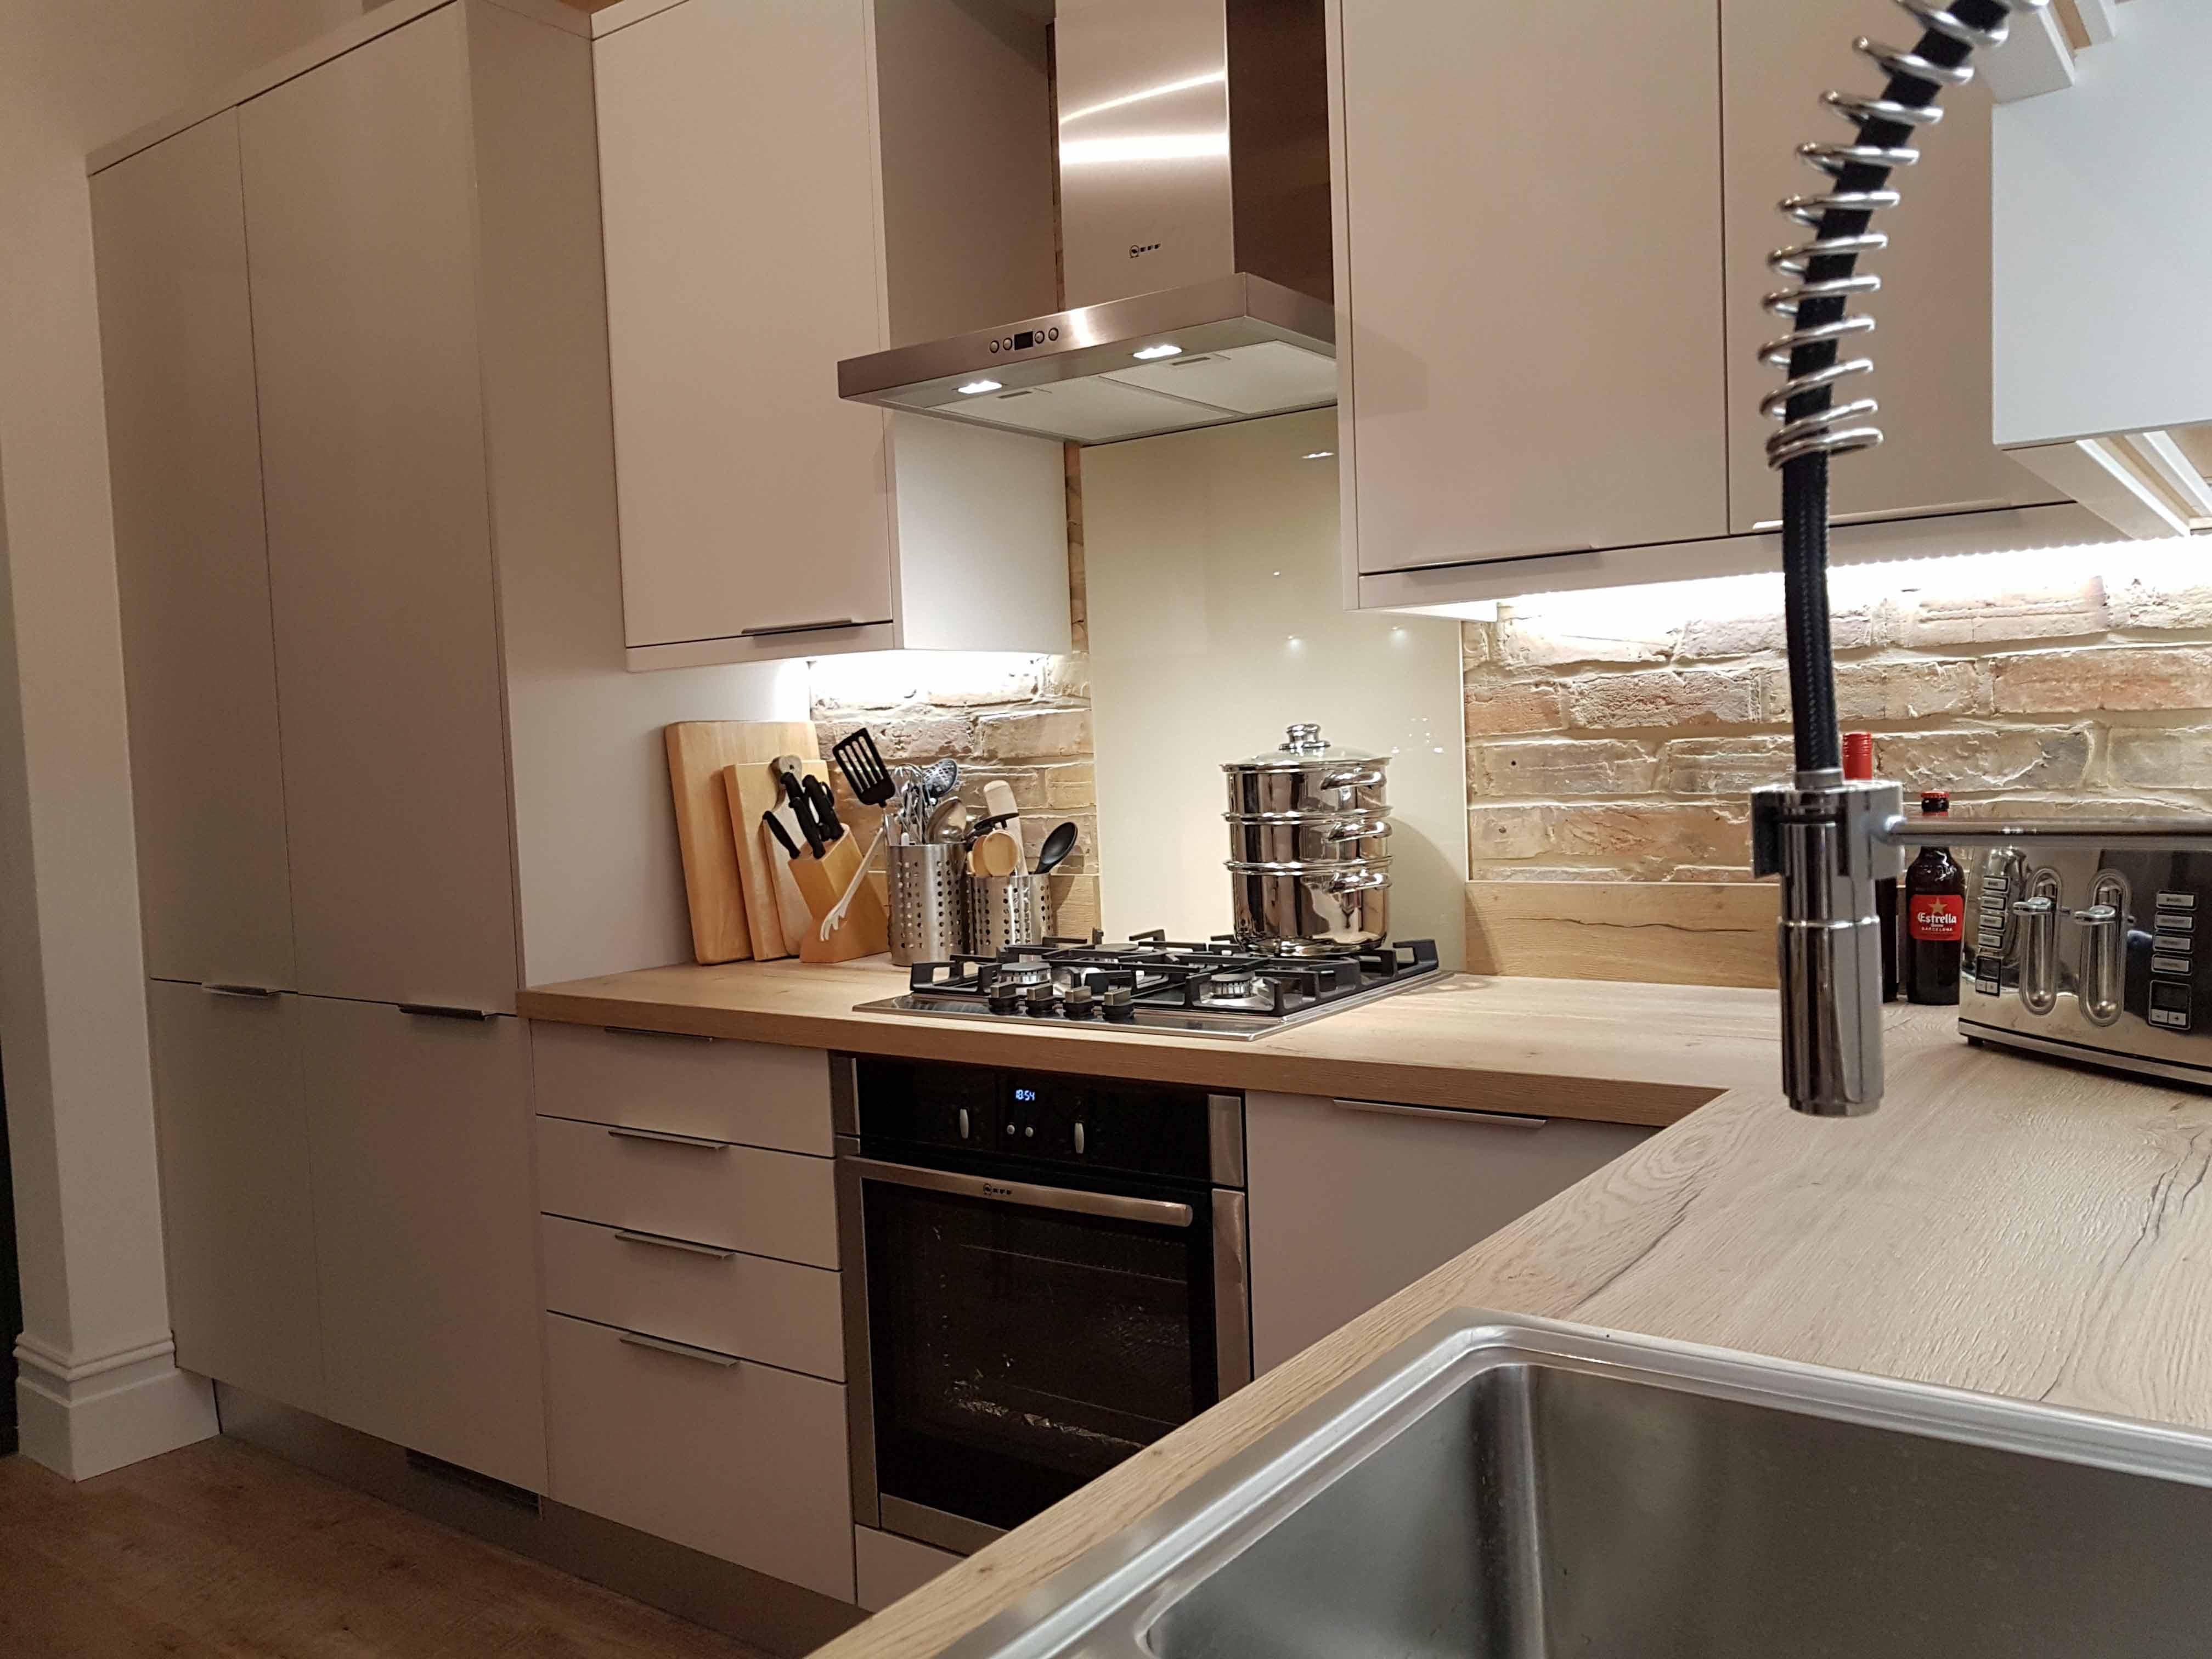 Supermatt Cashmere Kitchen